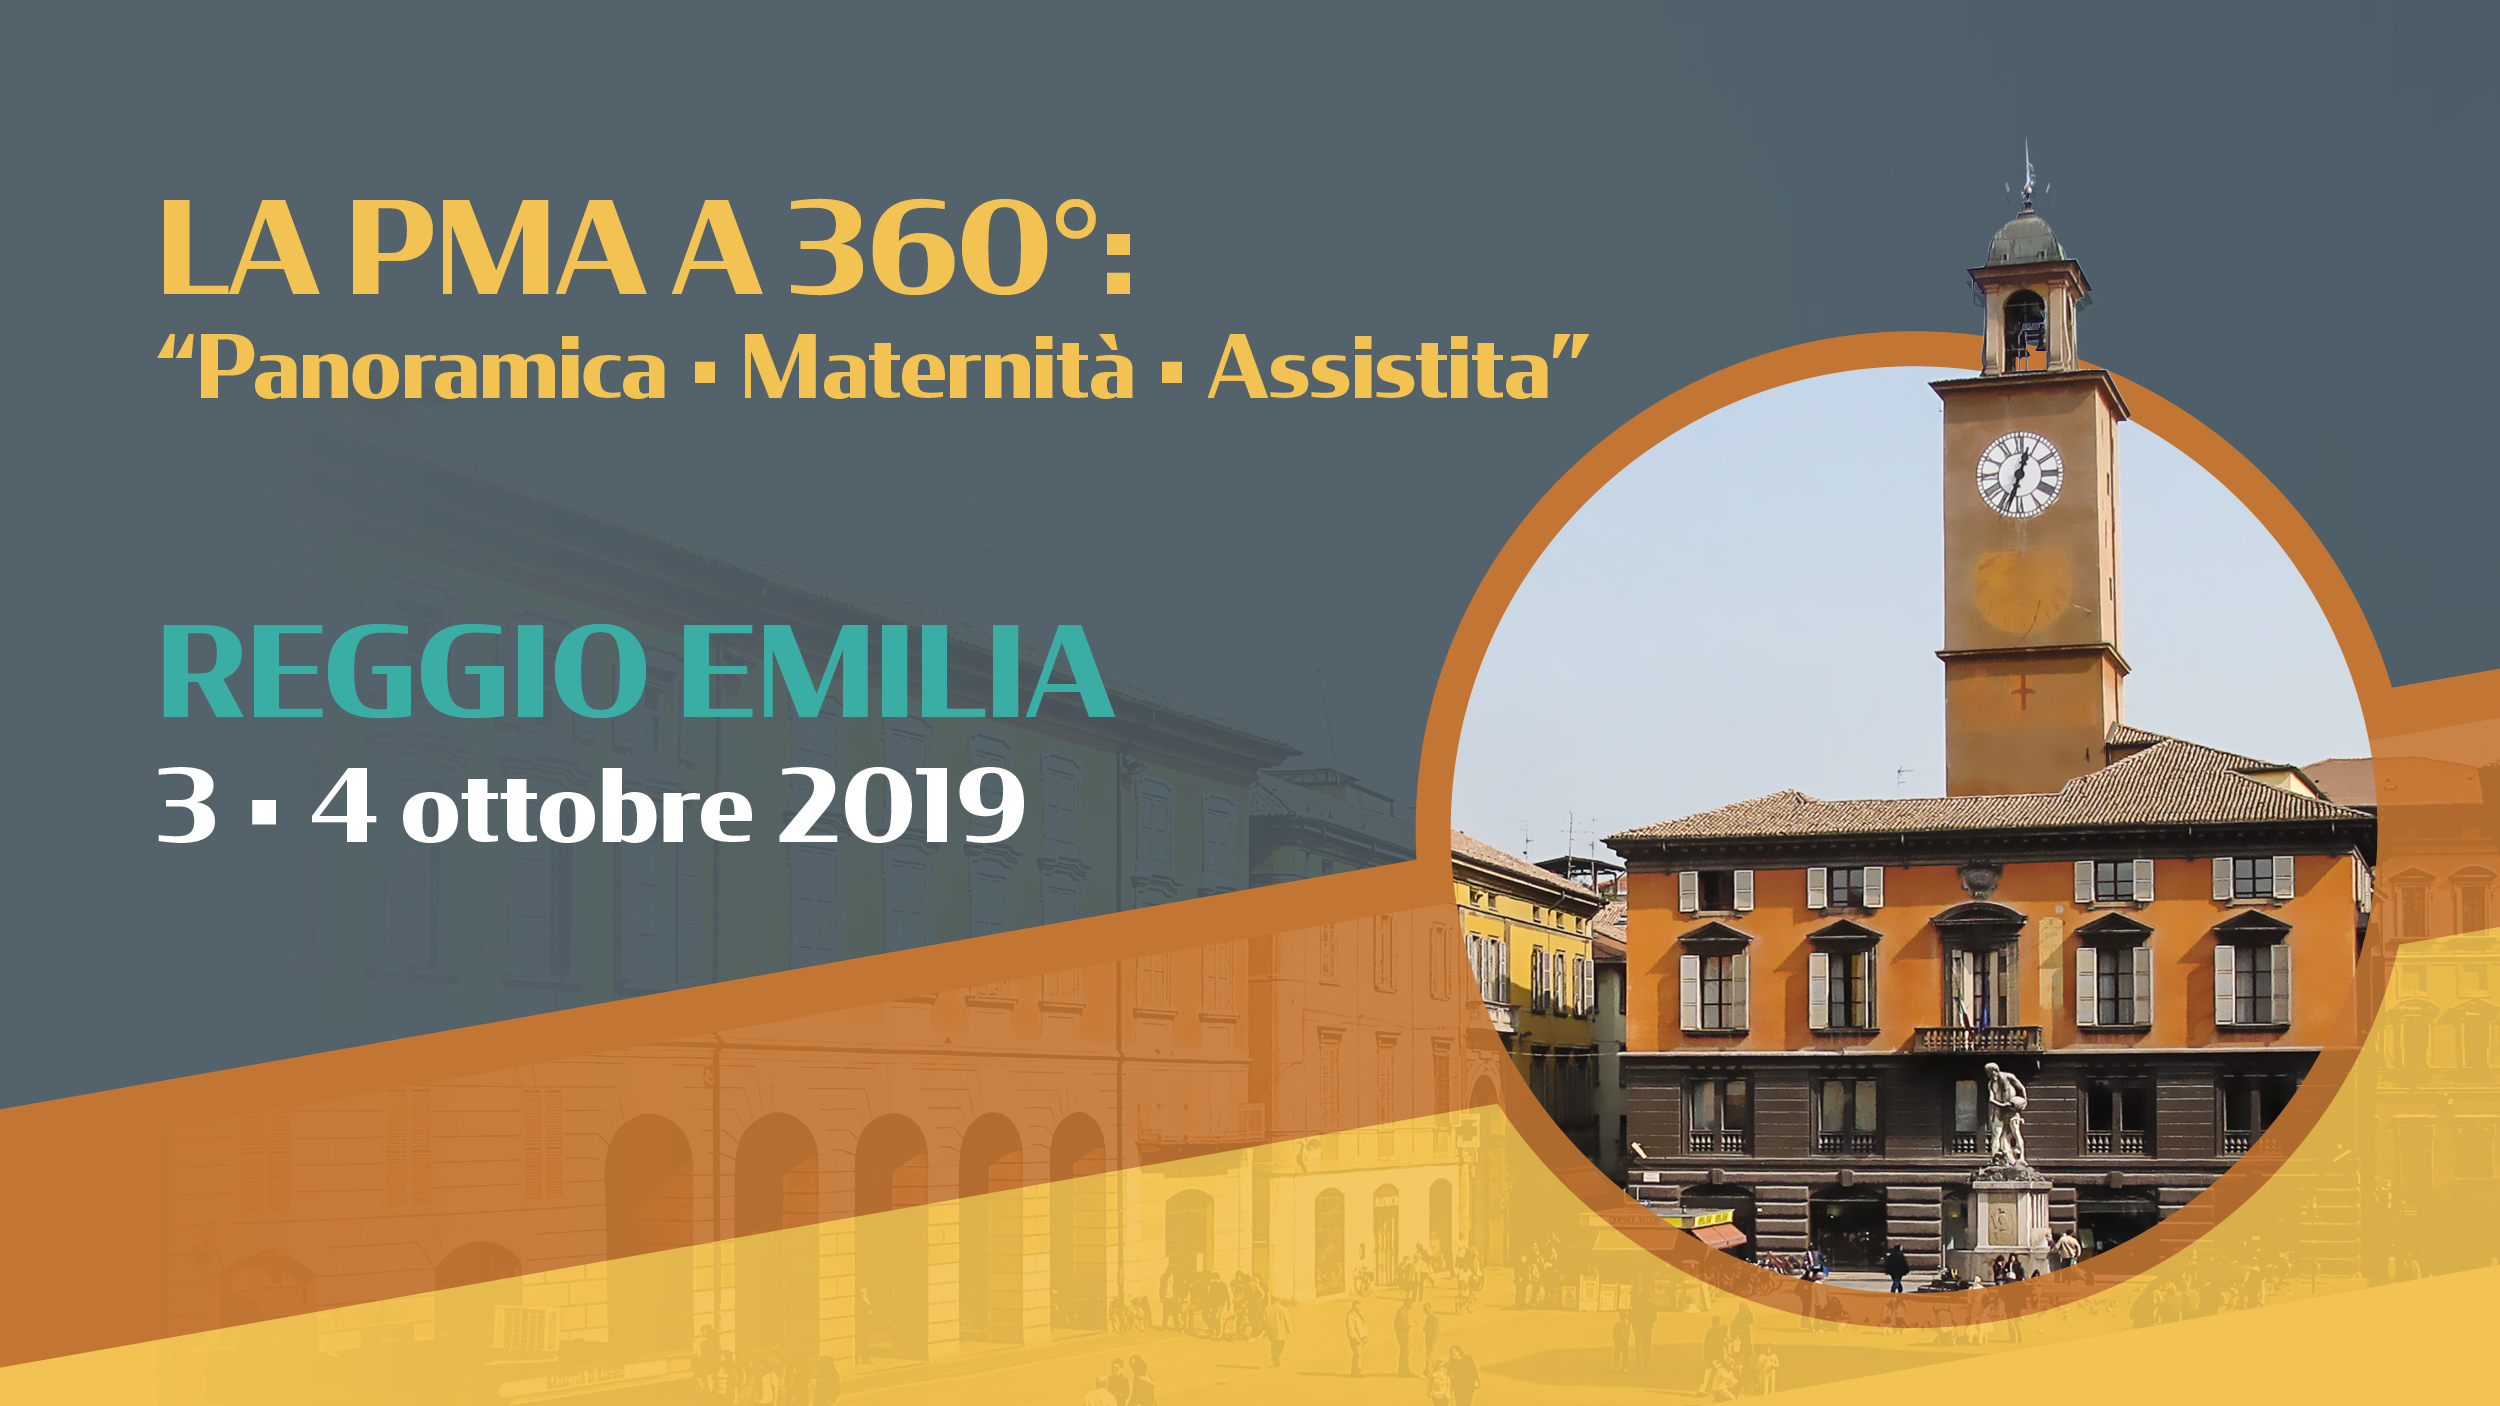 """LA PMA A 360°: """"Panoramica • Maternità • Assistita"""""""